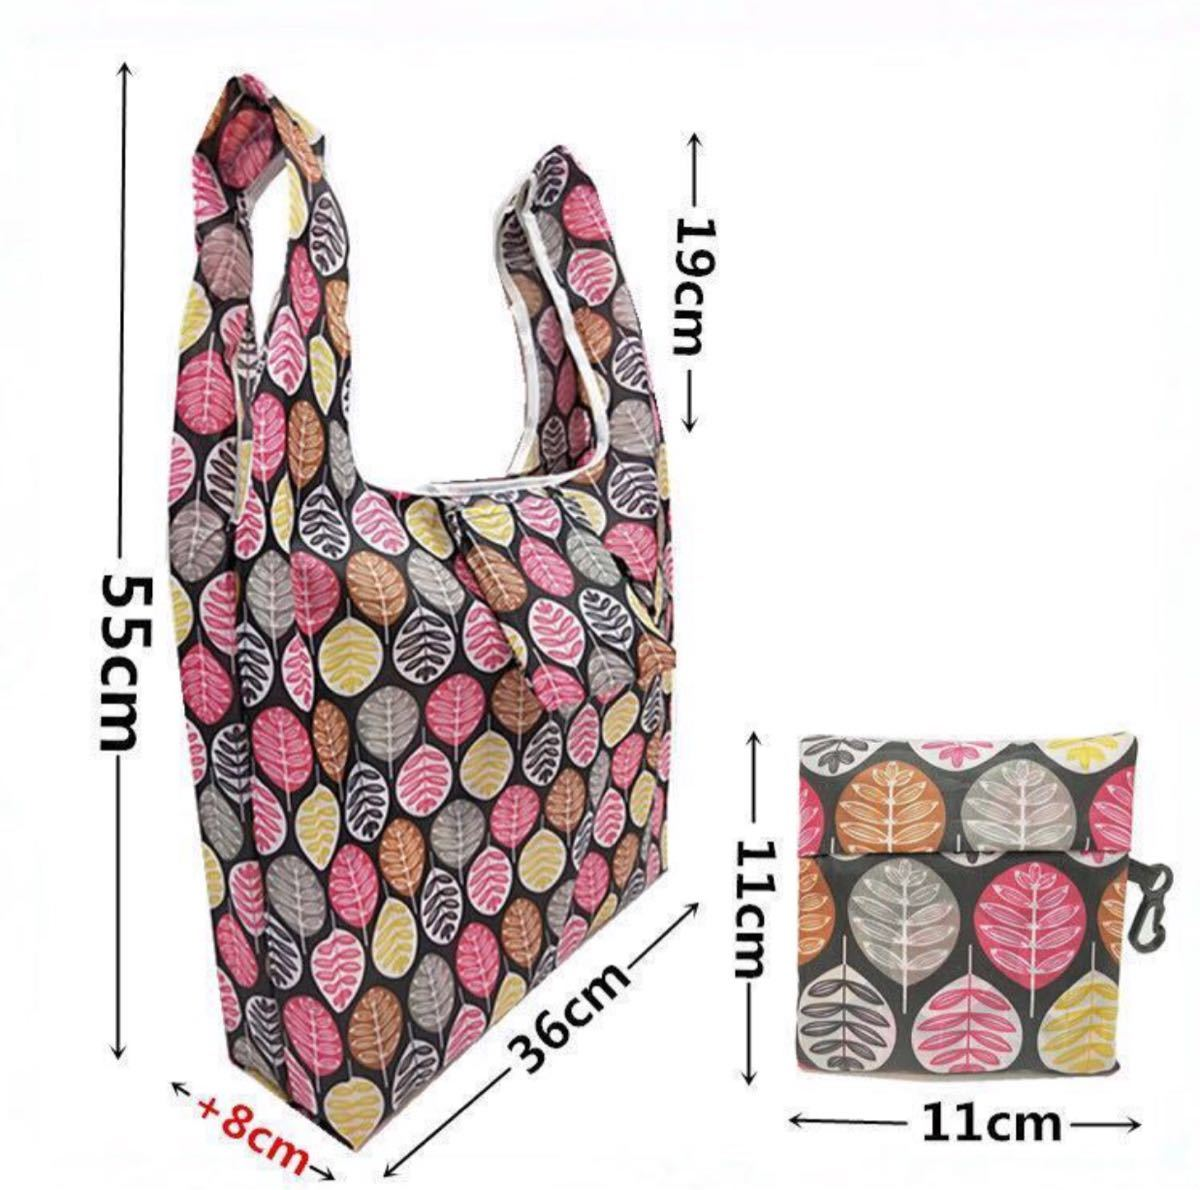 エコバッグ 折りたたみ 大人気 大容量 ショッピングバック防水買物袋